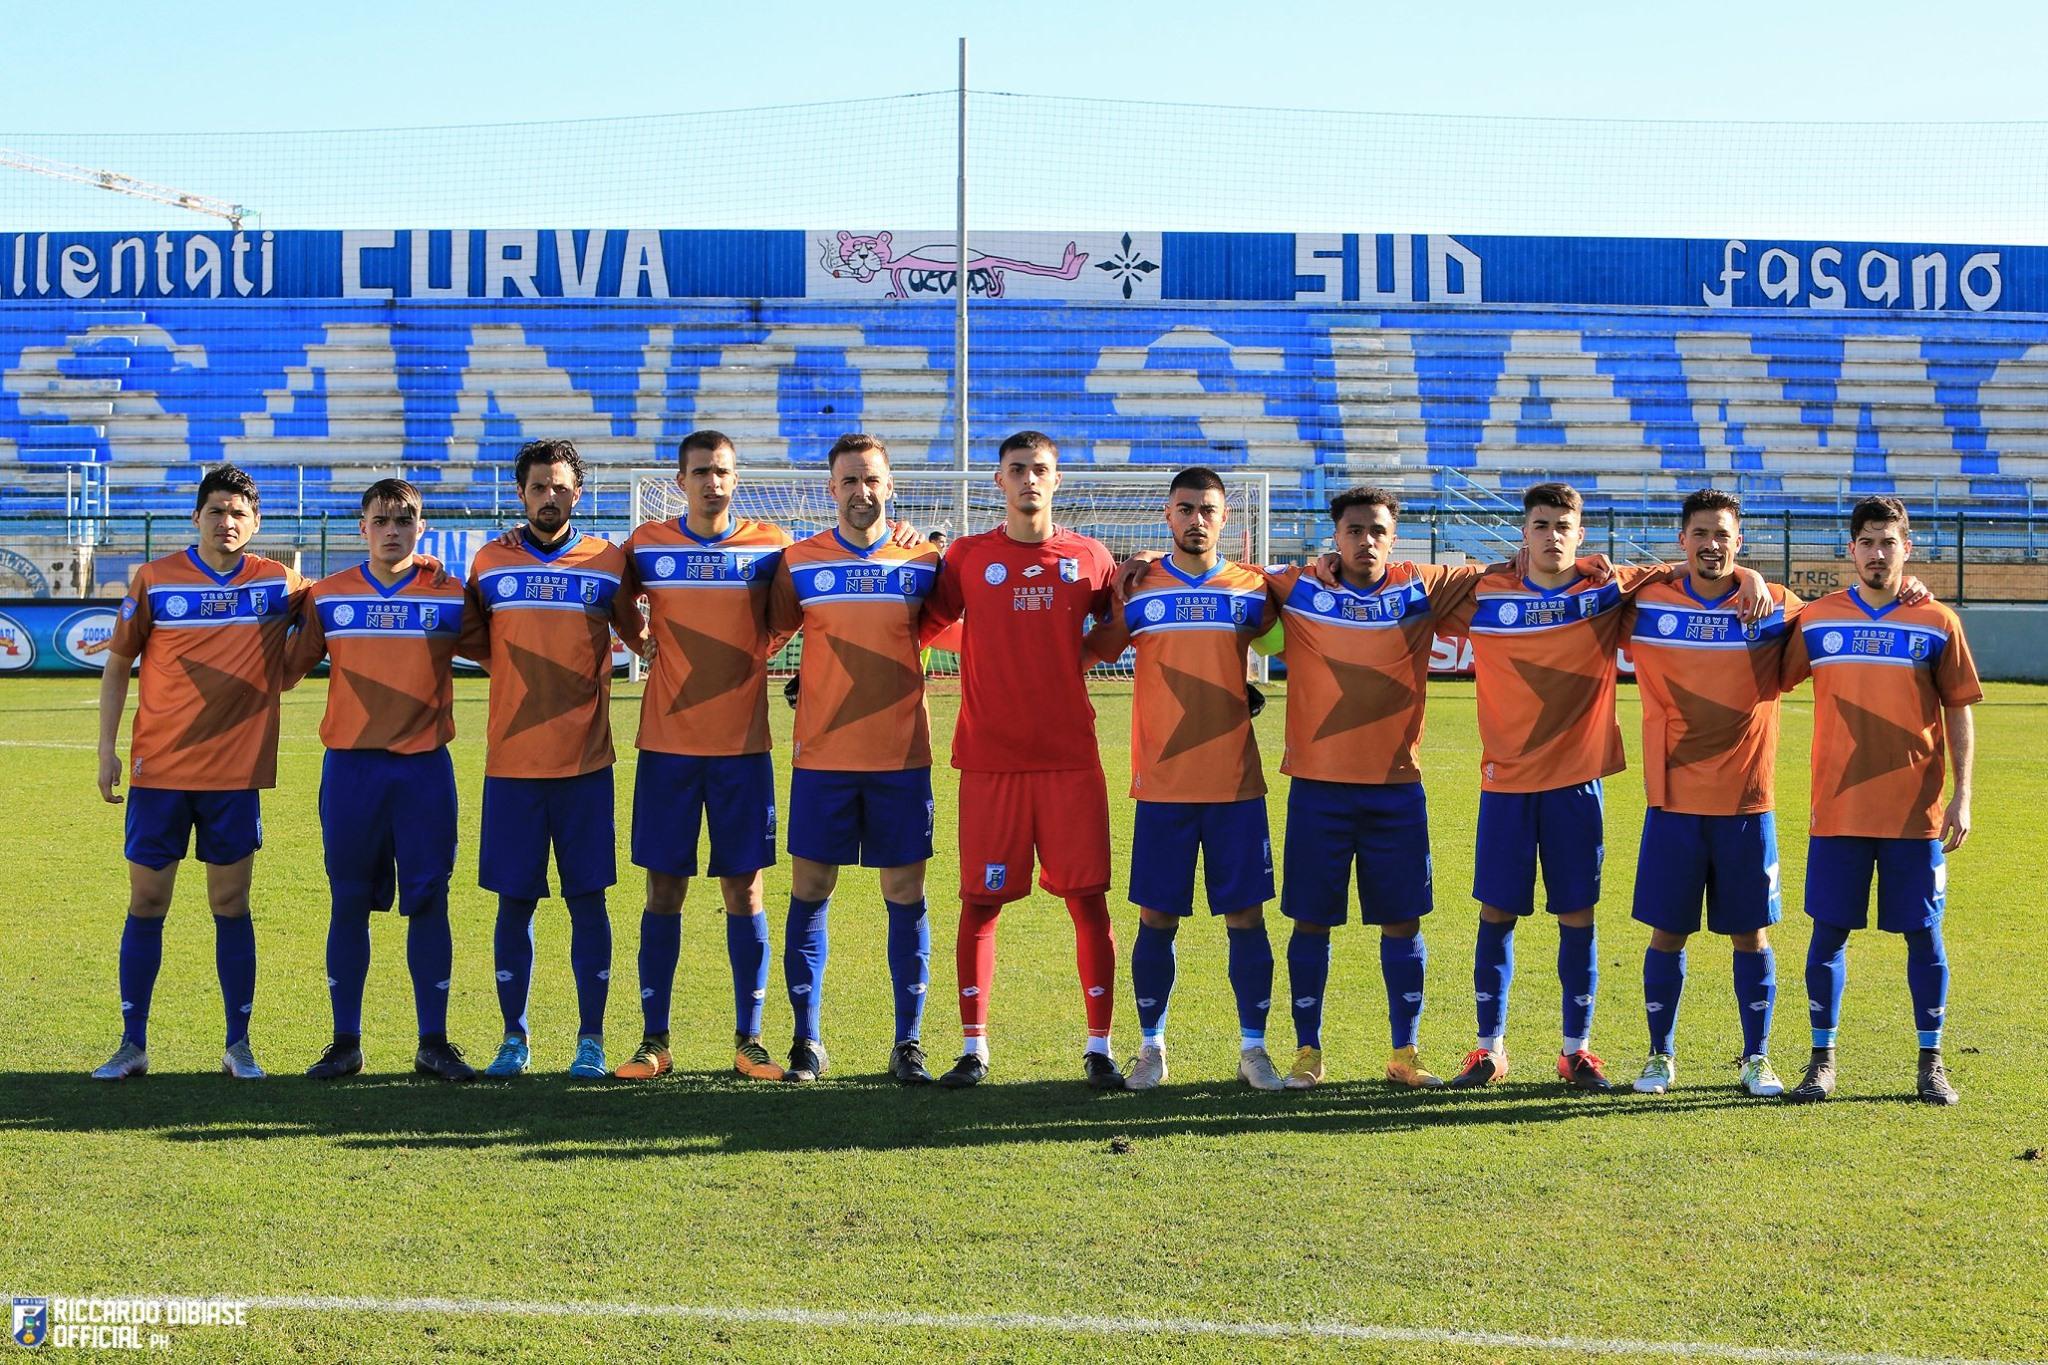 Facundo Urquiza, Tomás Urruty, Tomás López y Exequiel Narese fueron titulares en la victoria de Us Città di Fasano por 1 a 0